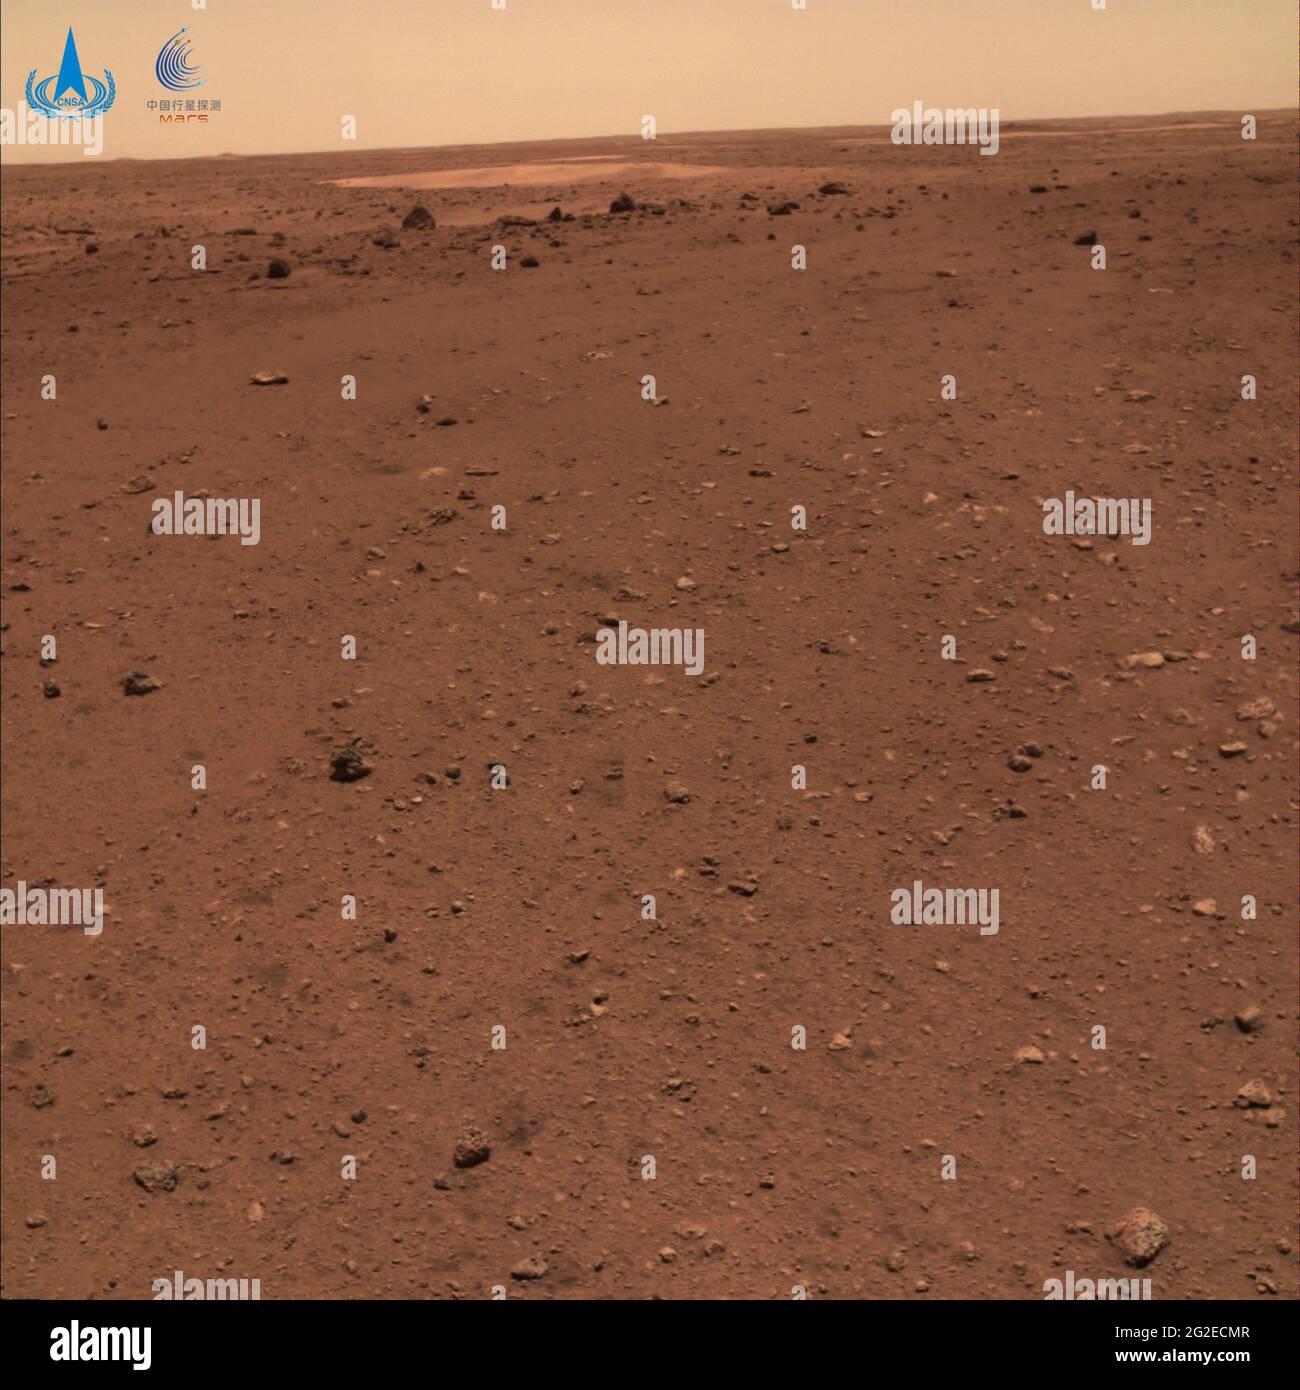 (210611) -- PECHINO, 11 giugno 2021 (Xinhua) -- Foto rilasciata il 11 giugno 2021 dalla China National Space Administration (CNSA) mostra il paesaggio marziano. Il venerdì dell'Amministrazione spaziale Nazionale della Cina ha rilasciato nuove immagini scattate dal primo Mars rover Zhurong del paese, mostrando la bandiera nazionale sul pianeta rosso. Le immagini sono state svelate durante una cerimonia a Pechino, il che significa un completo successo della prima missione esplorativa della Marte cinese. Le immagini includono il panorama del sito di atterraggio, il paesaggio marziano e un selfie della rover con la piattaforma di atterraggio. (CNSA/Handout via Xinhua) Foto Stock